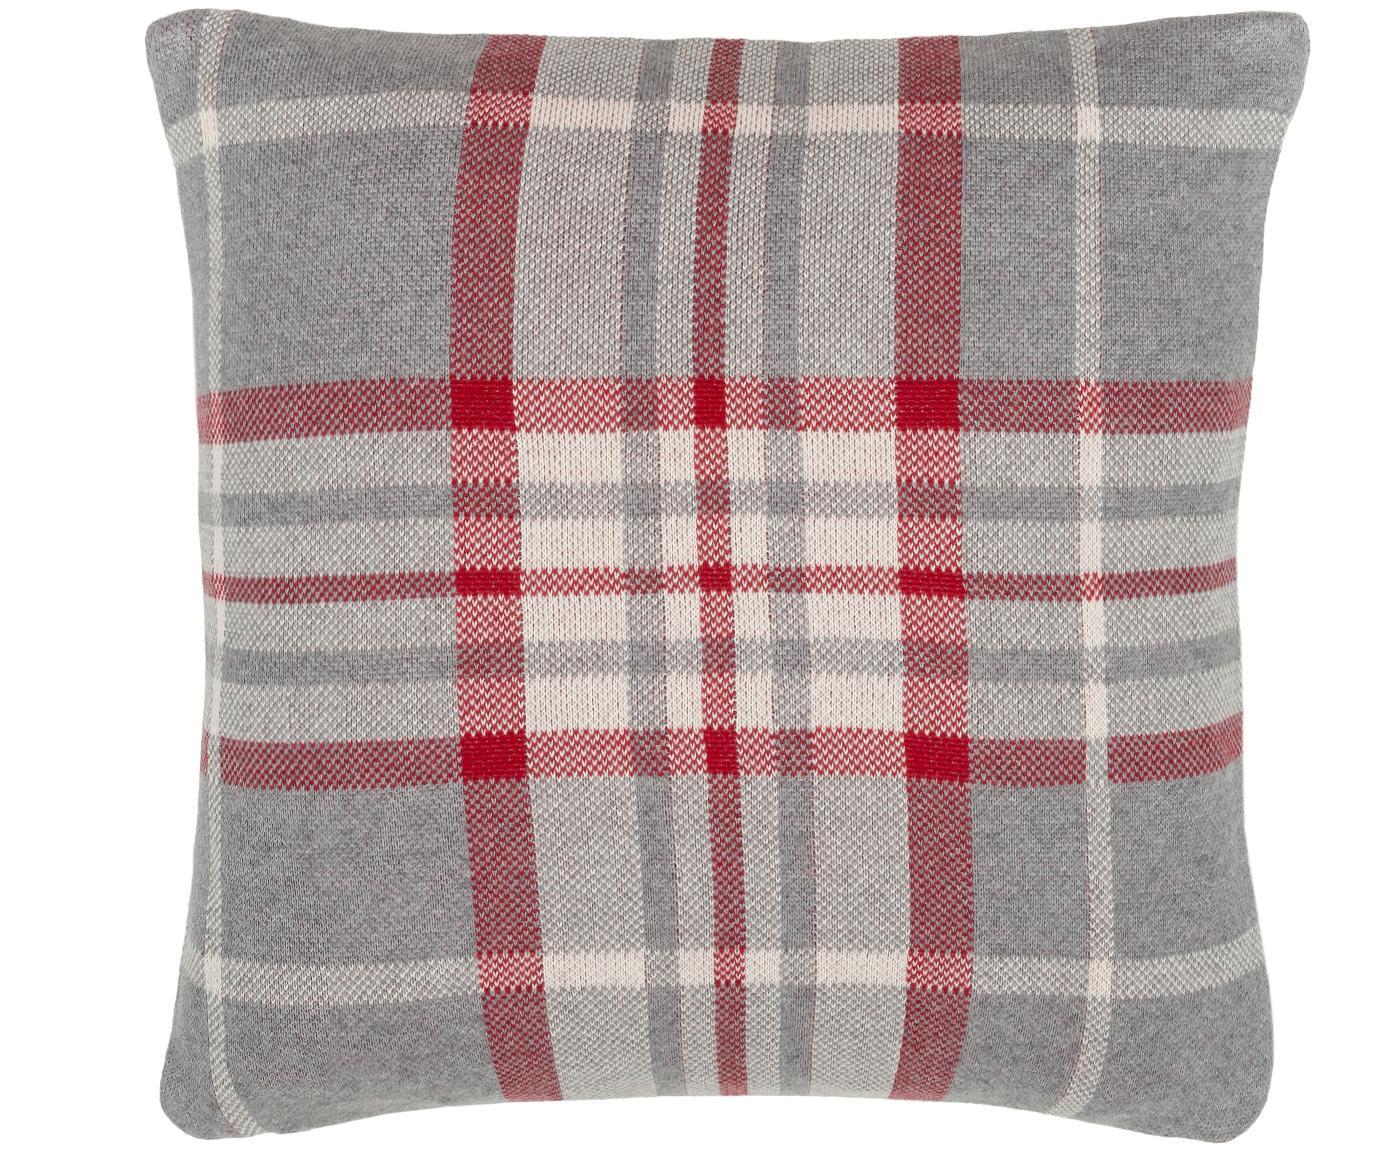 Federa arredo  fatta a maglia Louis, 100% cotone, Grigio, bianco, rosso, 40 x 40 cm